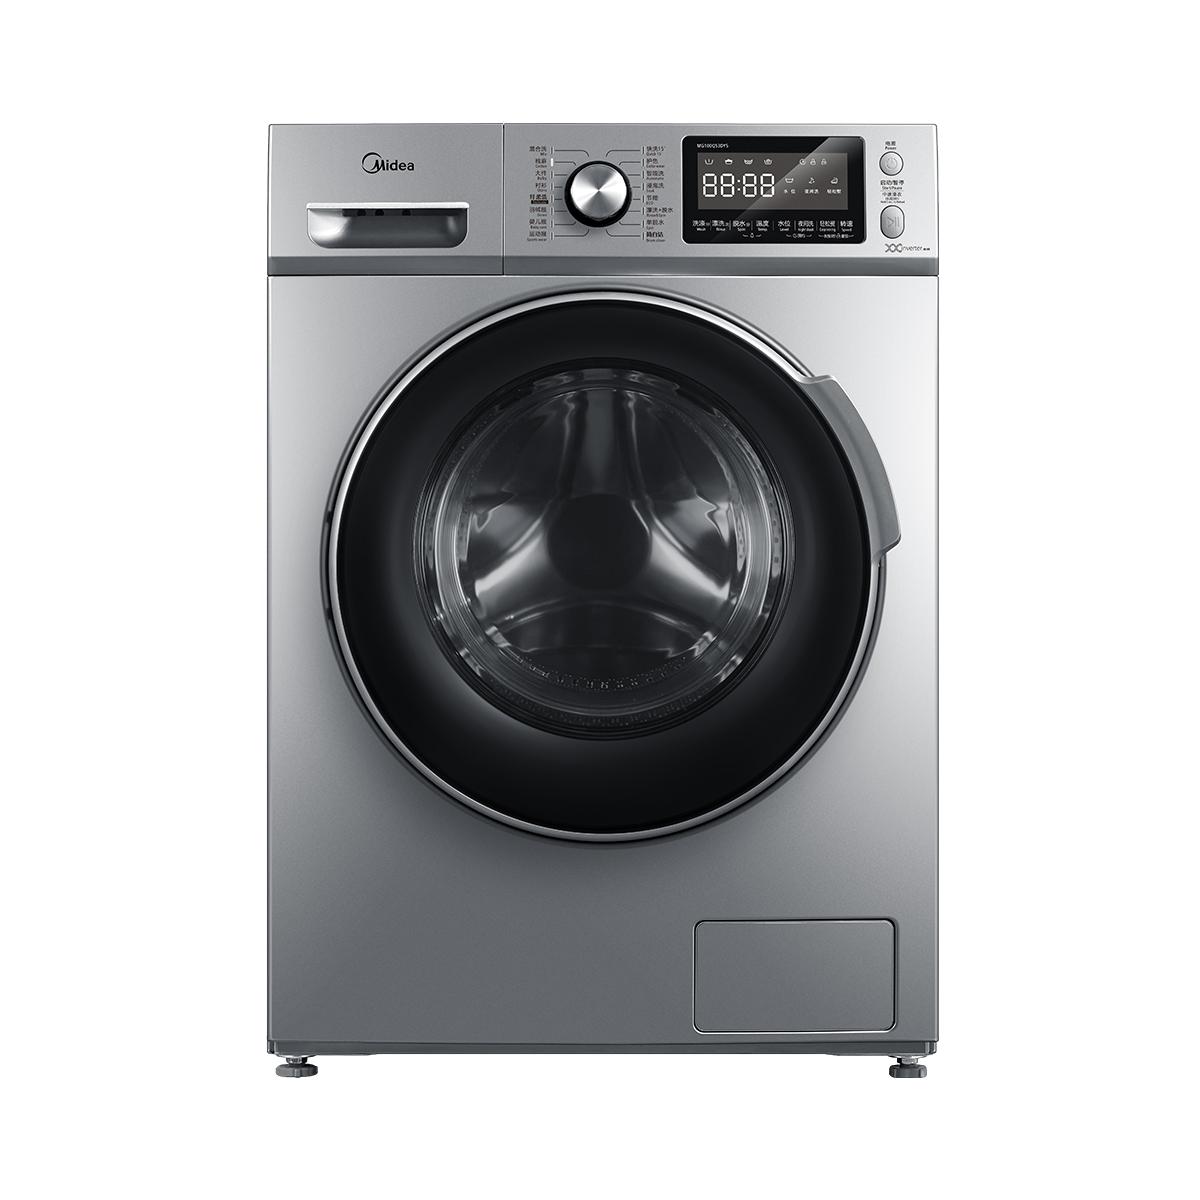 Midea/美的 MG100Q53DY5洗衣机 说明书.pdf